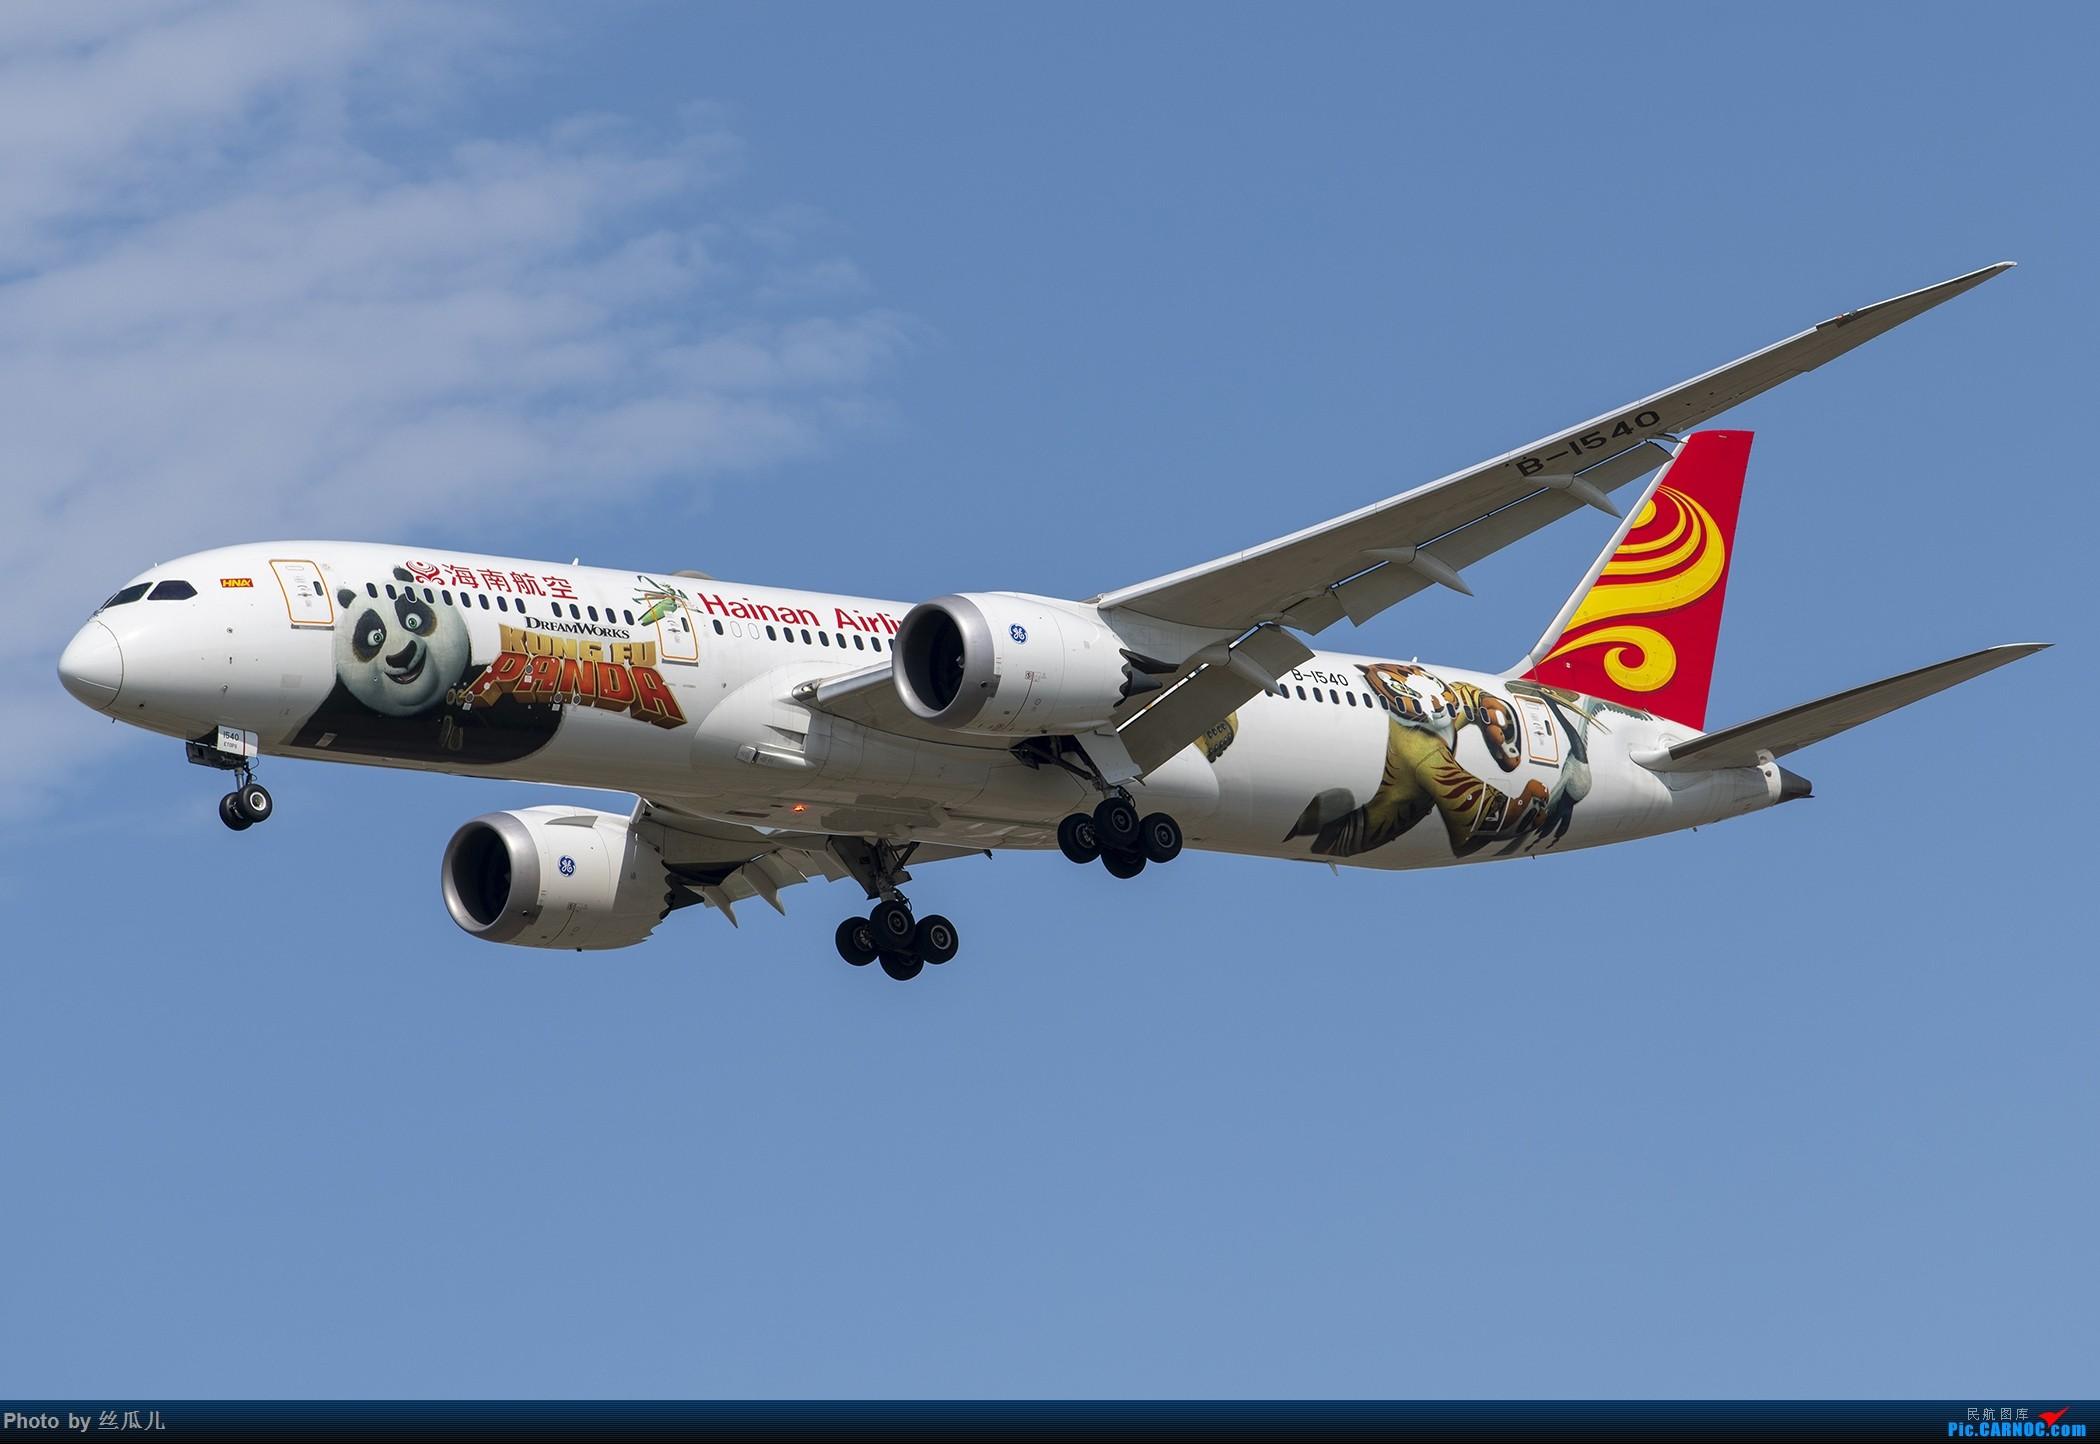 [原创]【丧心病狂的丝瓜】B-1540让我再看你最后一眼----撕了一半的海航白熊猫 BOEING 787-9 B-1540 中国上海浦东国际机场